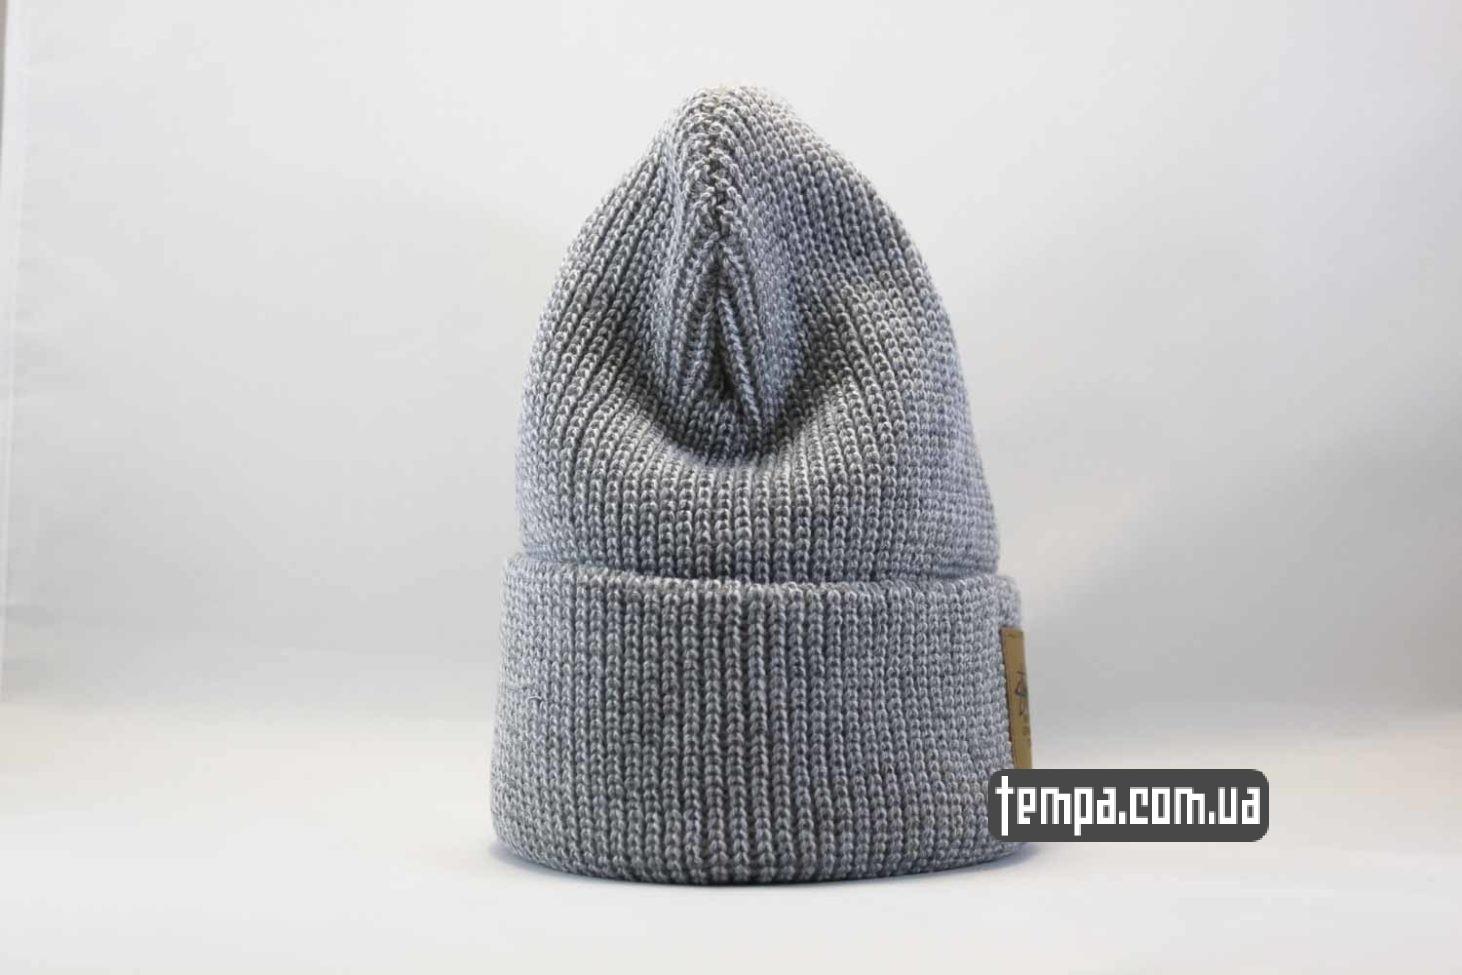 магазин купить купить шапку бини Stussy нью йорк лос анджелес токио оригинал